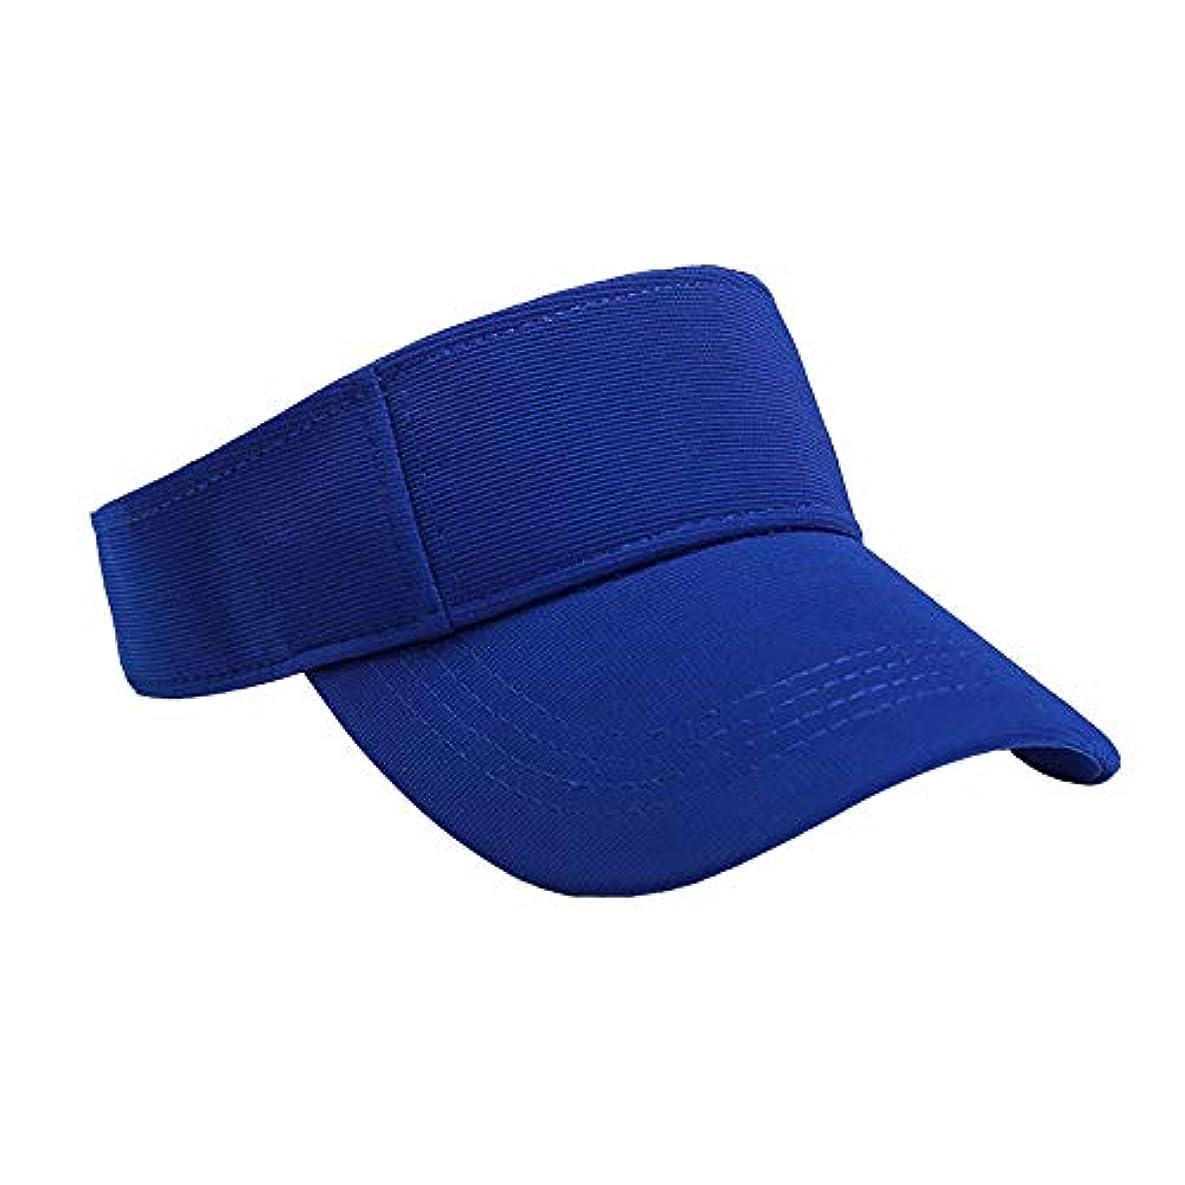 欠如熟達地球Merssavo ユニセックスサマースポーツキャップ、サン帽子レディーステニスゴルフバイザーメッシュ野球帽、調節可能な屋外オープントップヘッドトラベルハイキング帽子、ブルー